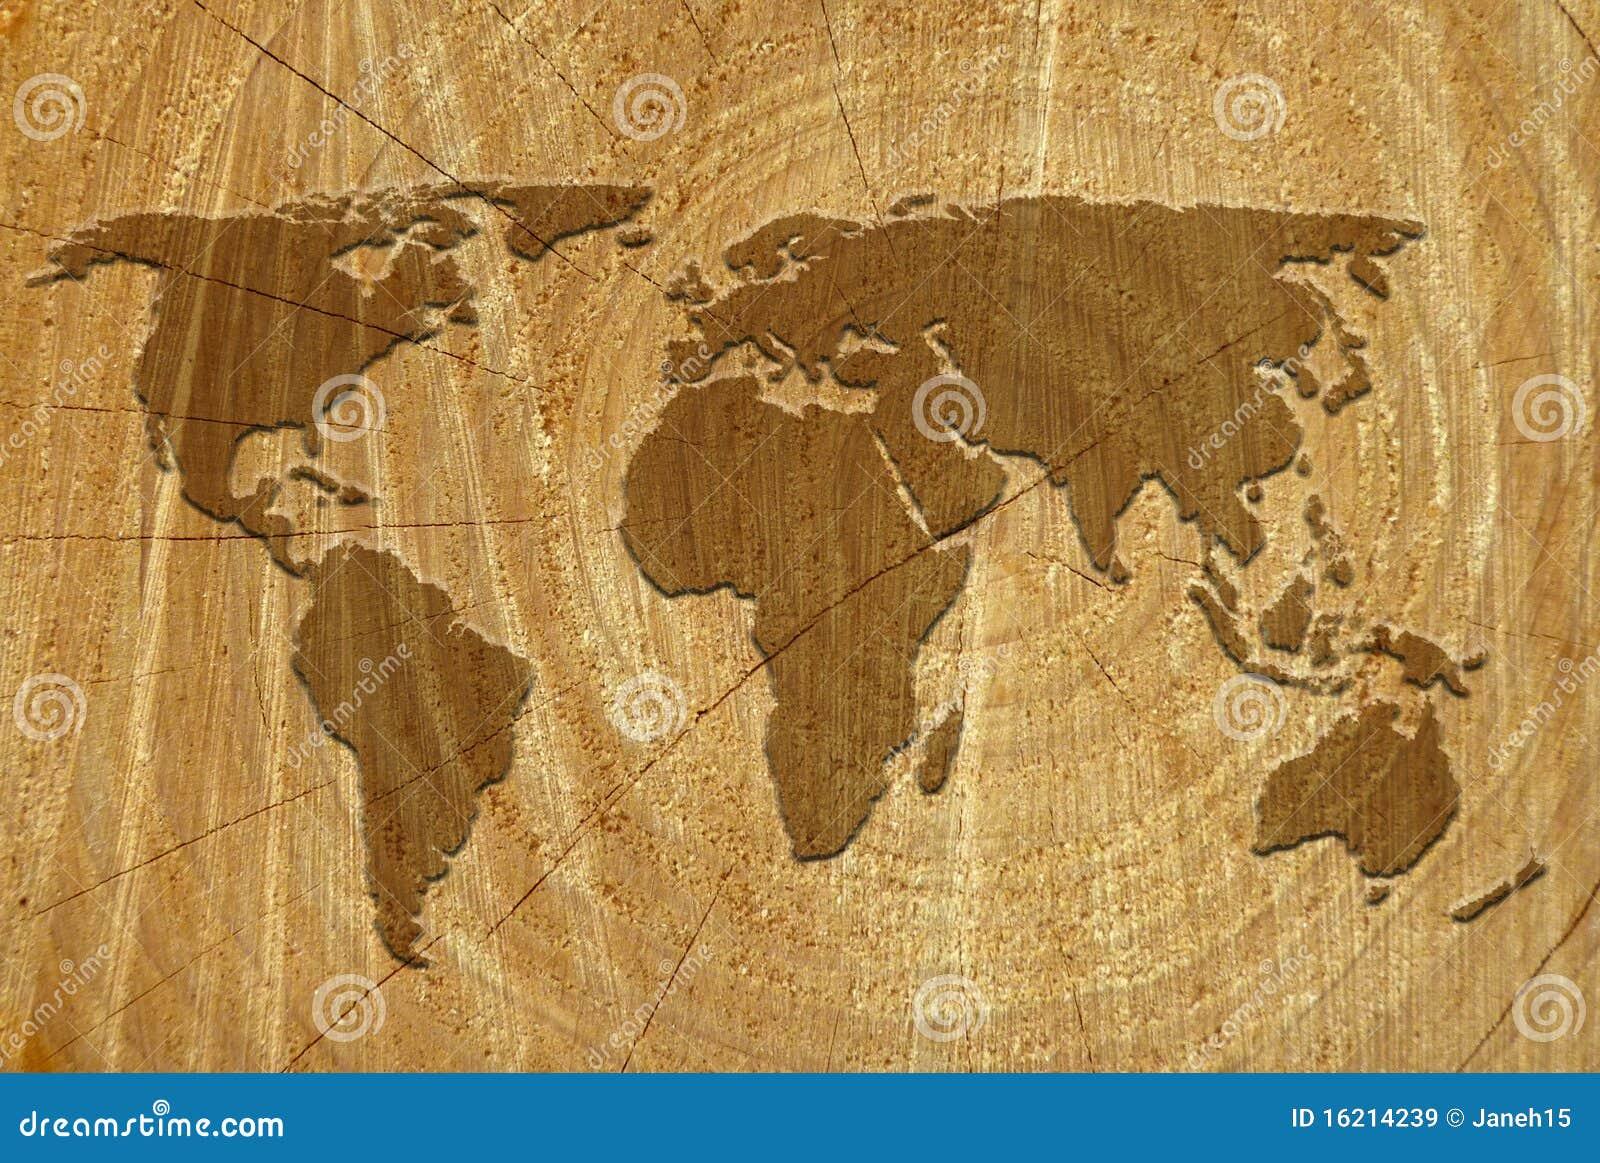 carte du monde sur la surface en bois images libres de. Black Bedroom Furniture Sets. Home Design Ideas